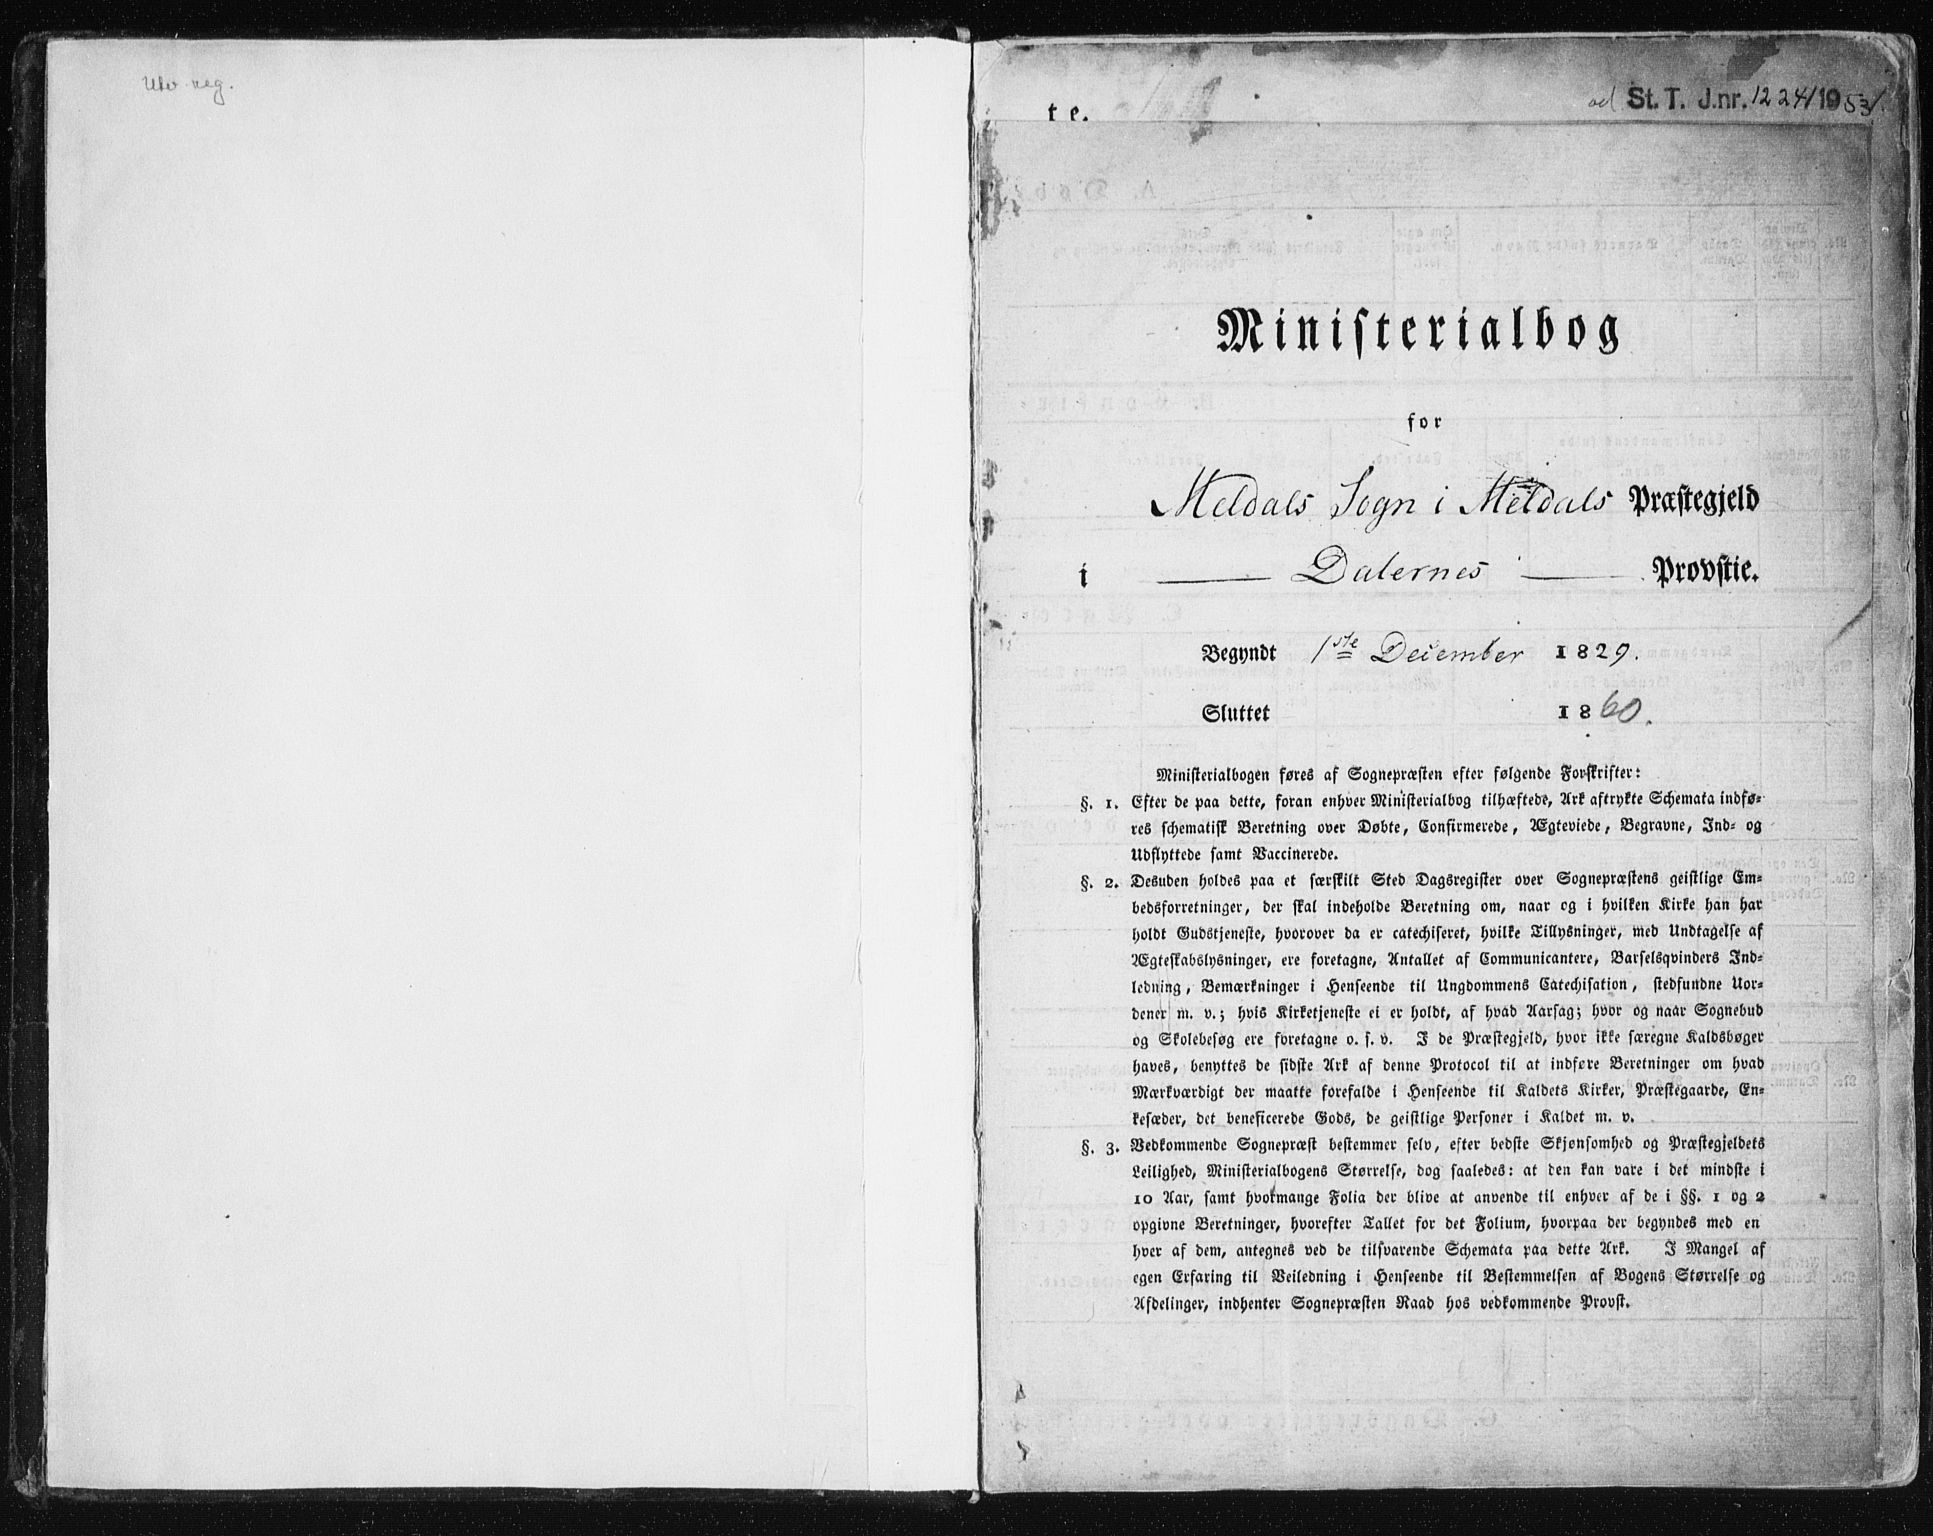 SAT, Ministerialprotokoller, klokkerbøker og fødselsregistre - Sør-Trøndelag, 672/L0855: Ministerialbok nr. 672A07, 1829-1860